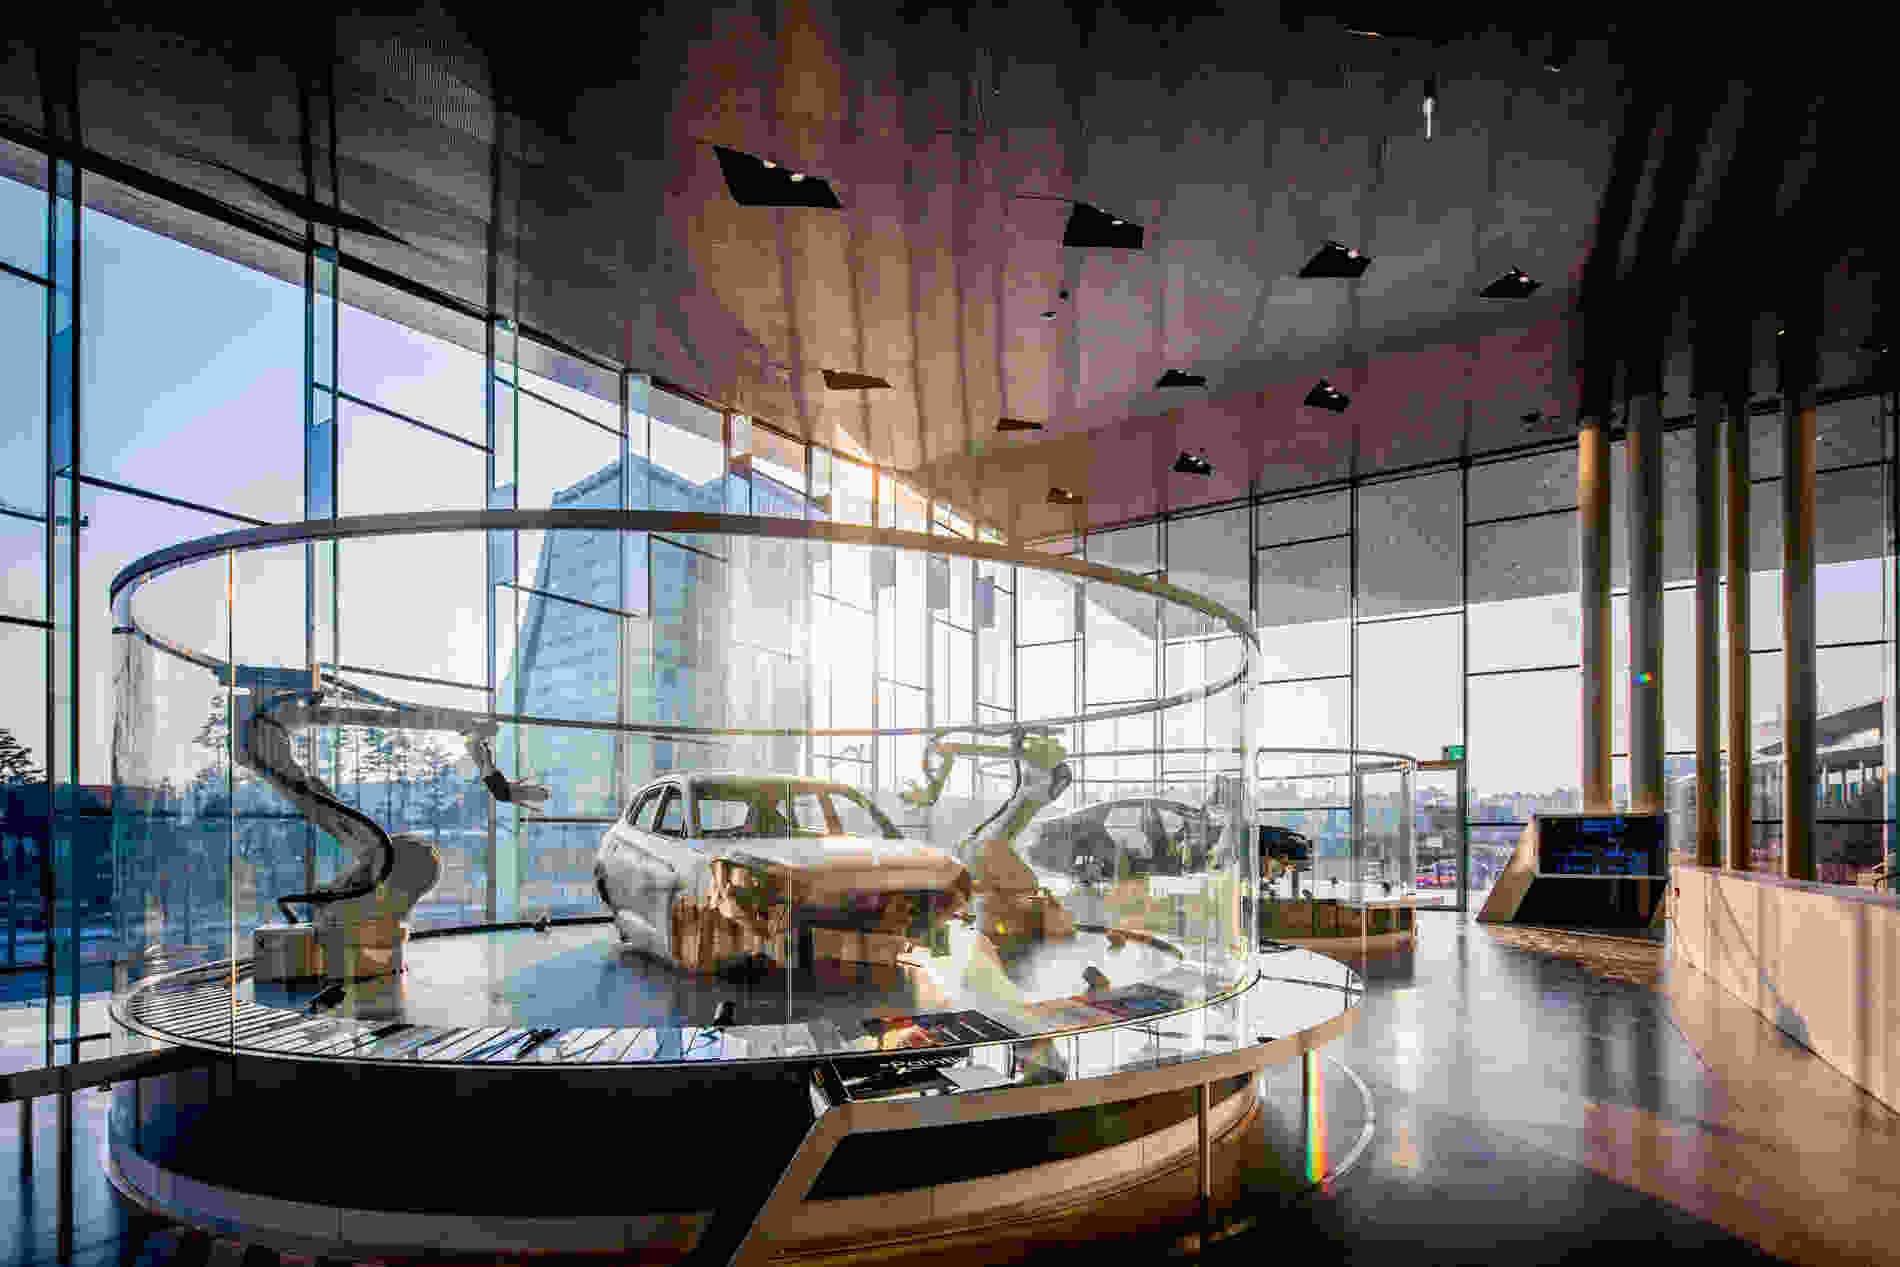 257 Hyundai Motorstudio Goyang Raphael Olivier 6544 exhibition